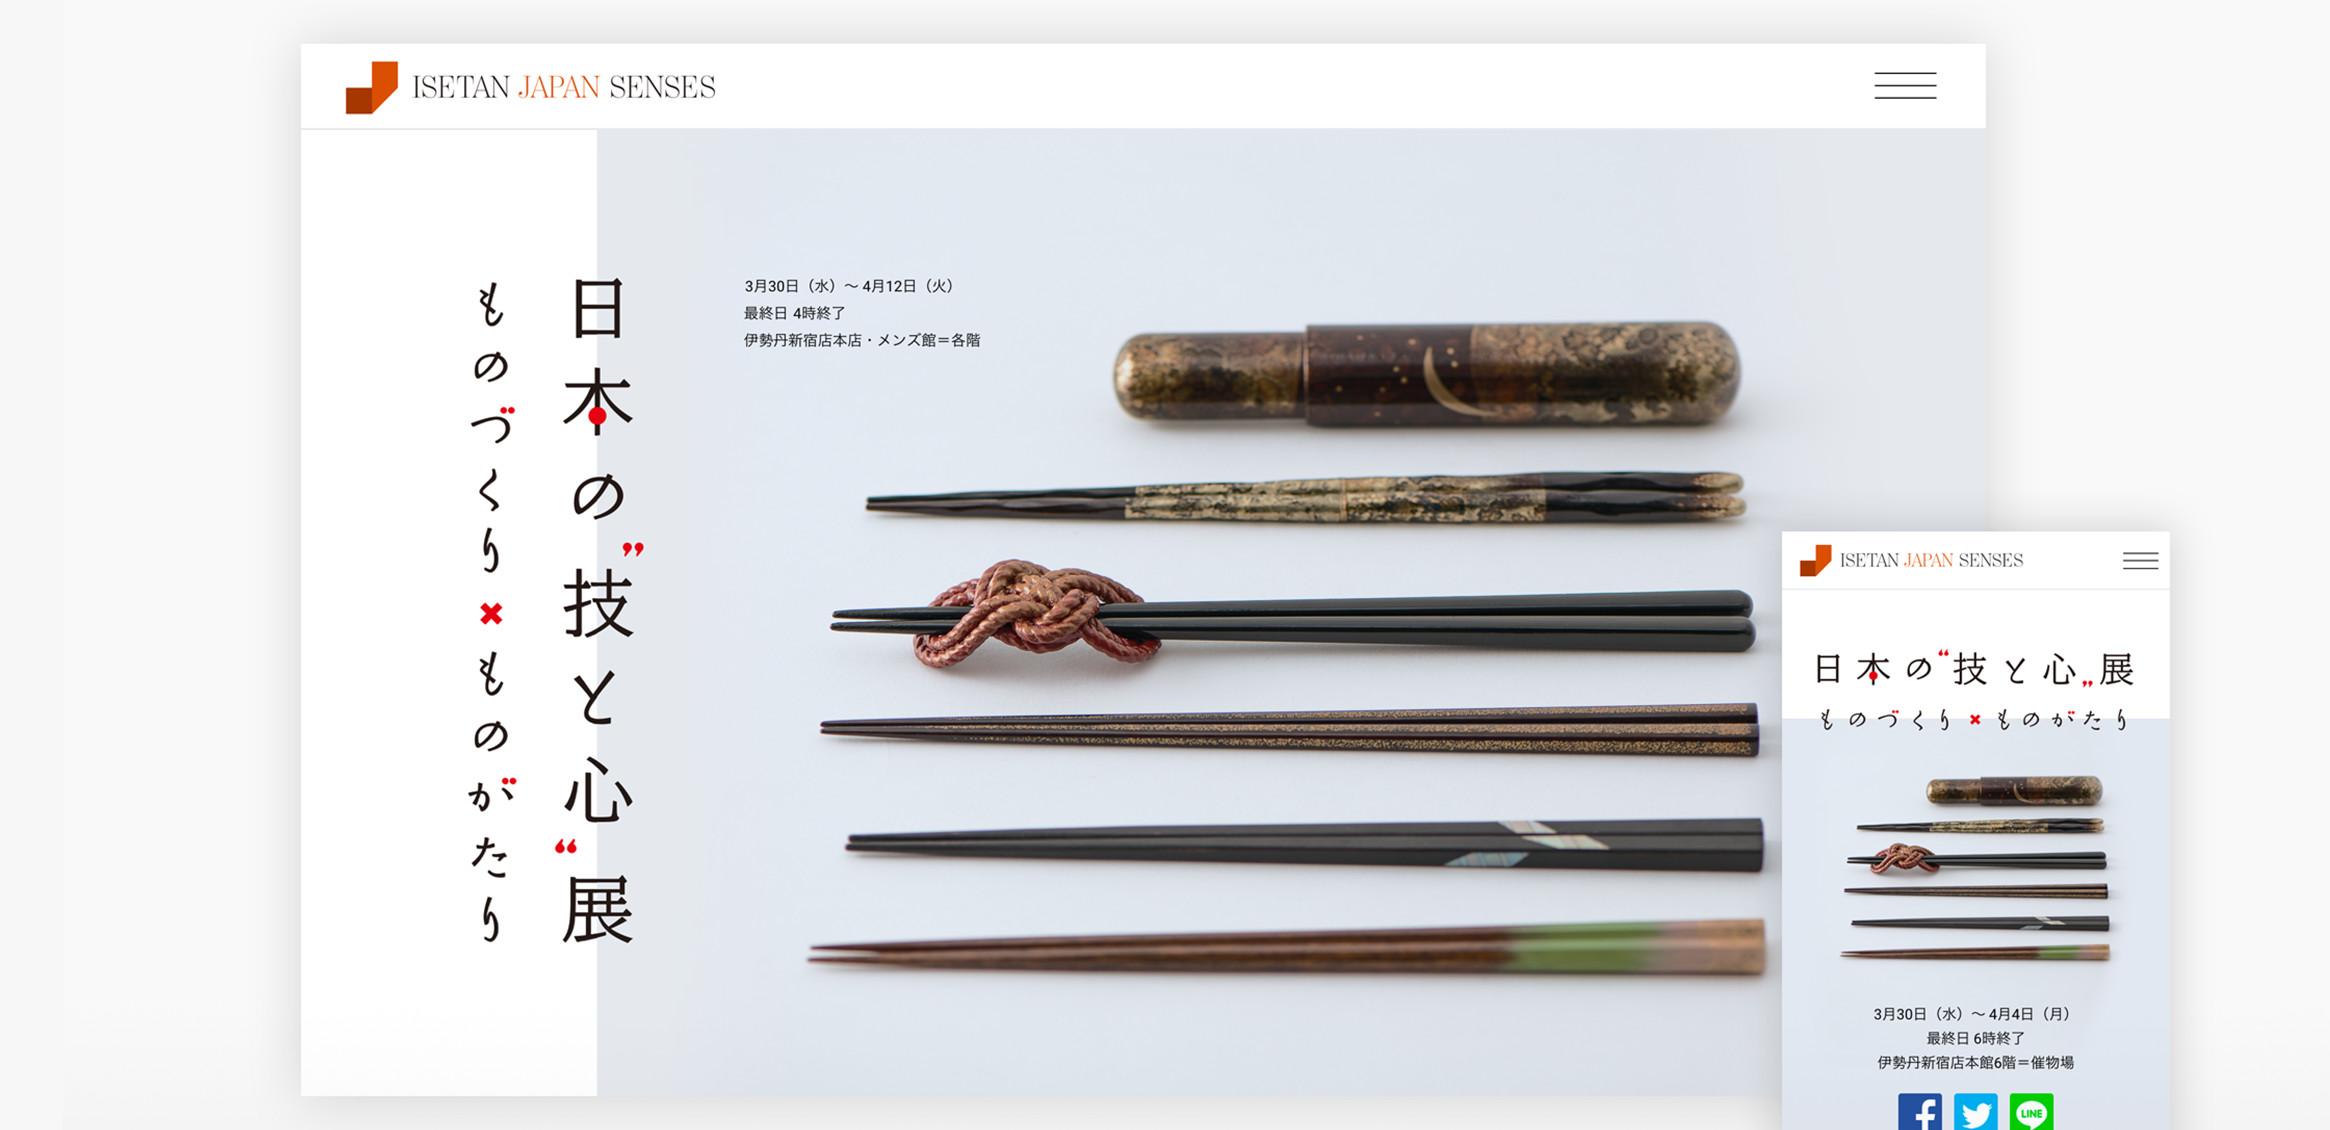 ISETAN JAPAN SENSES 2016 青の美6枚目